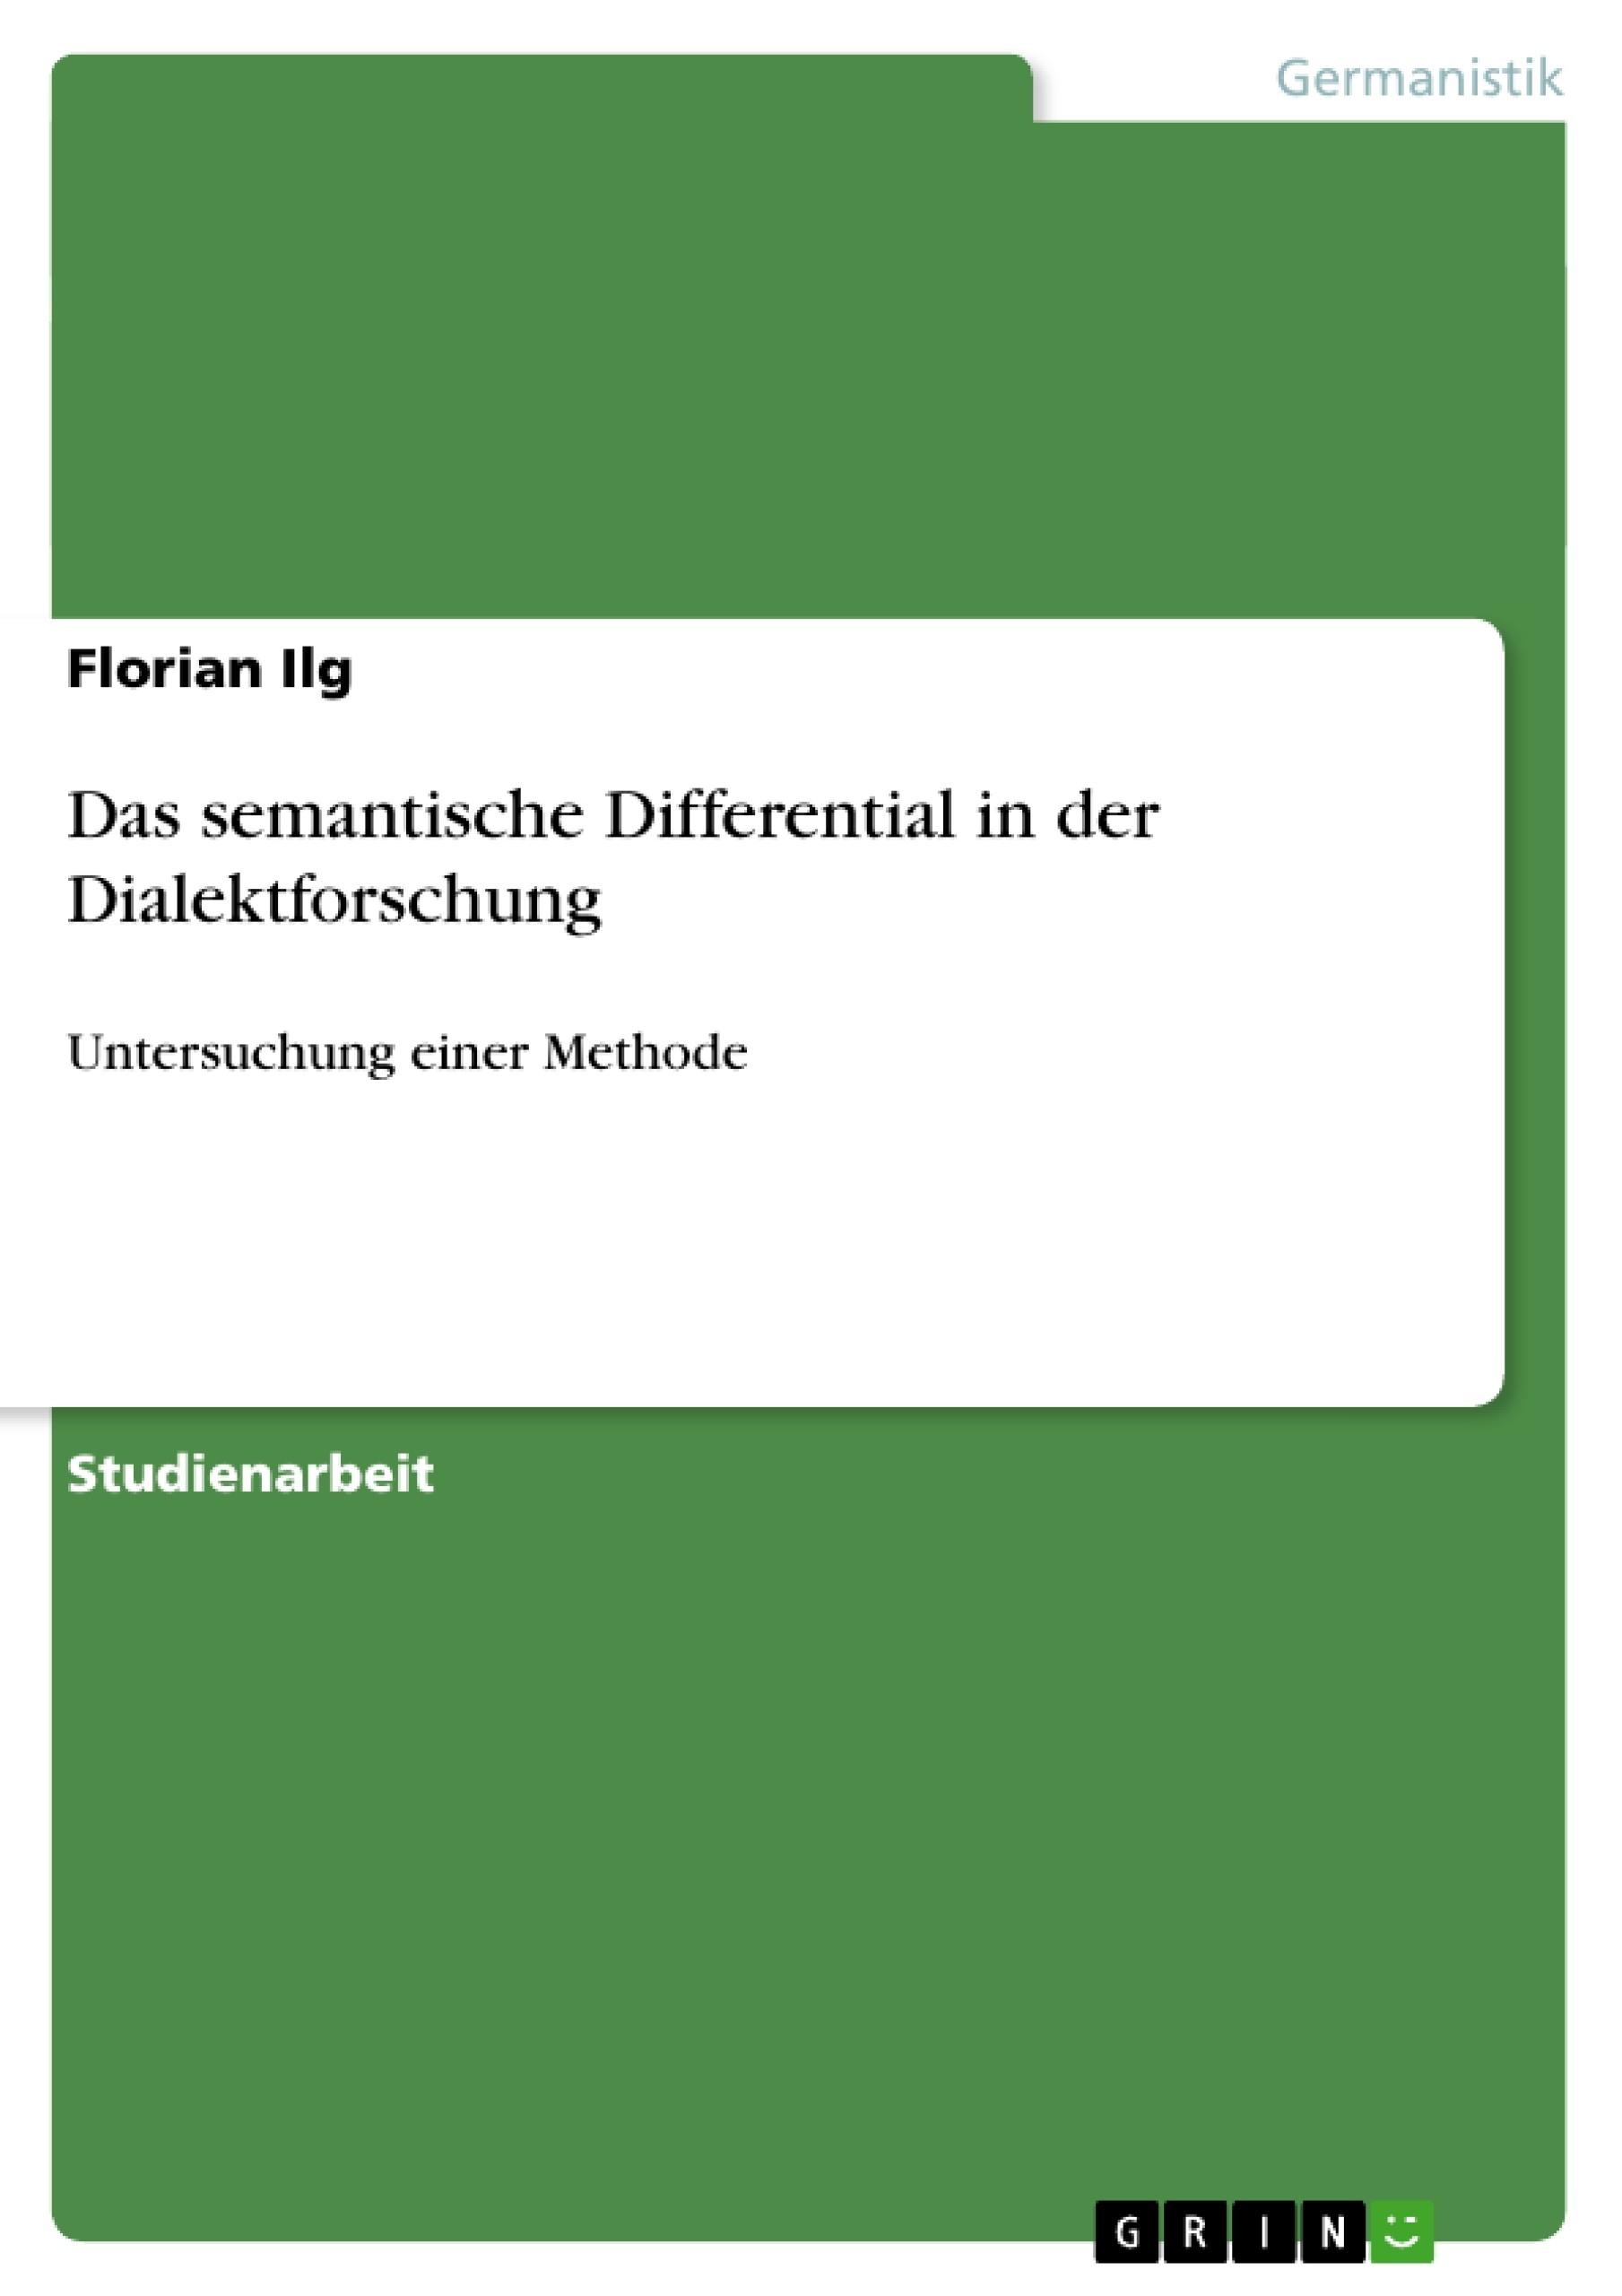 Titel: Das semantische Differential in der Dialektforschung